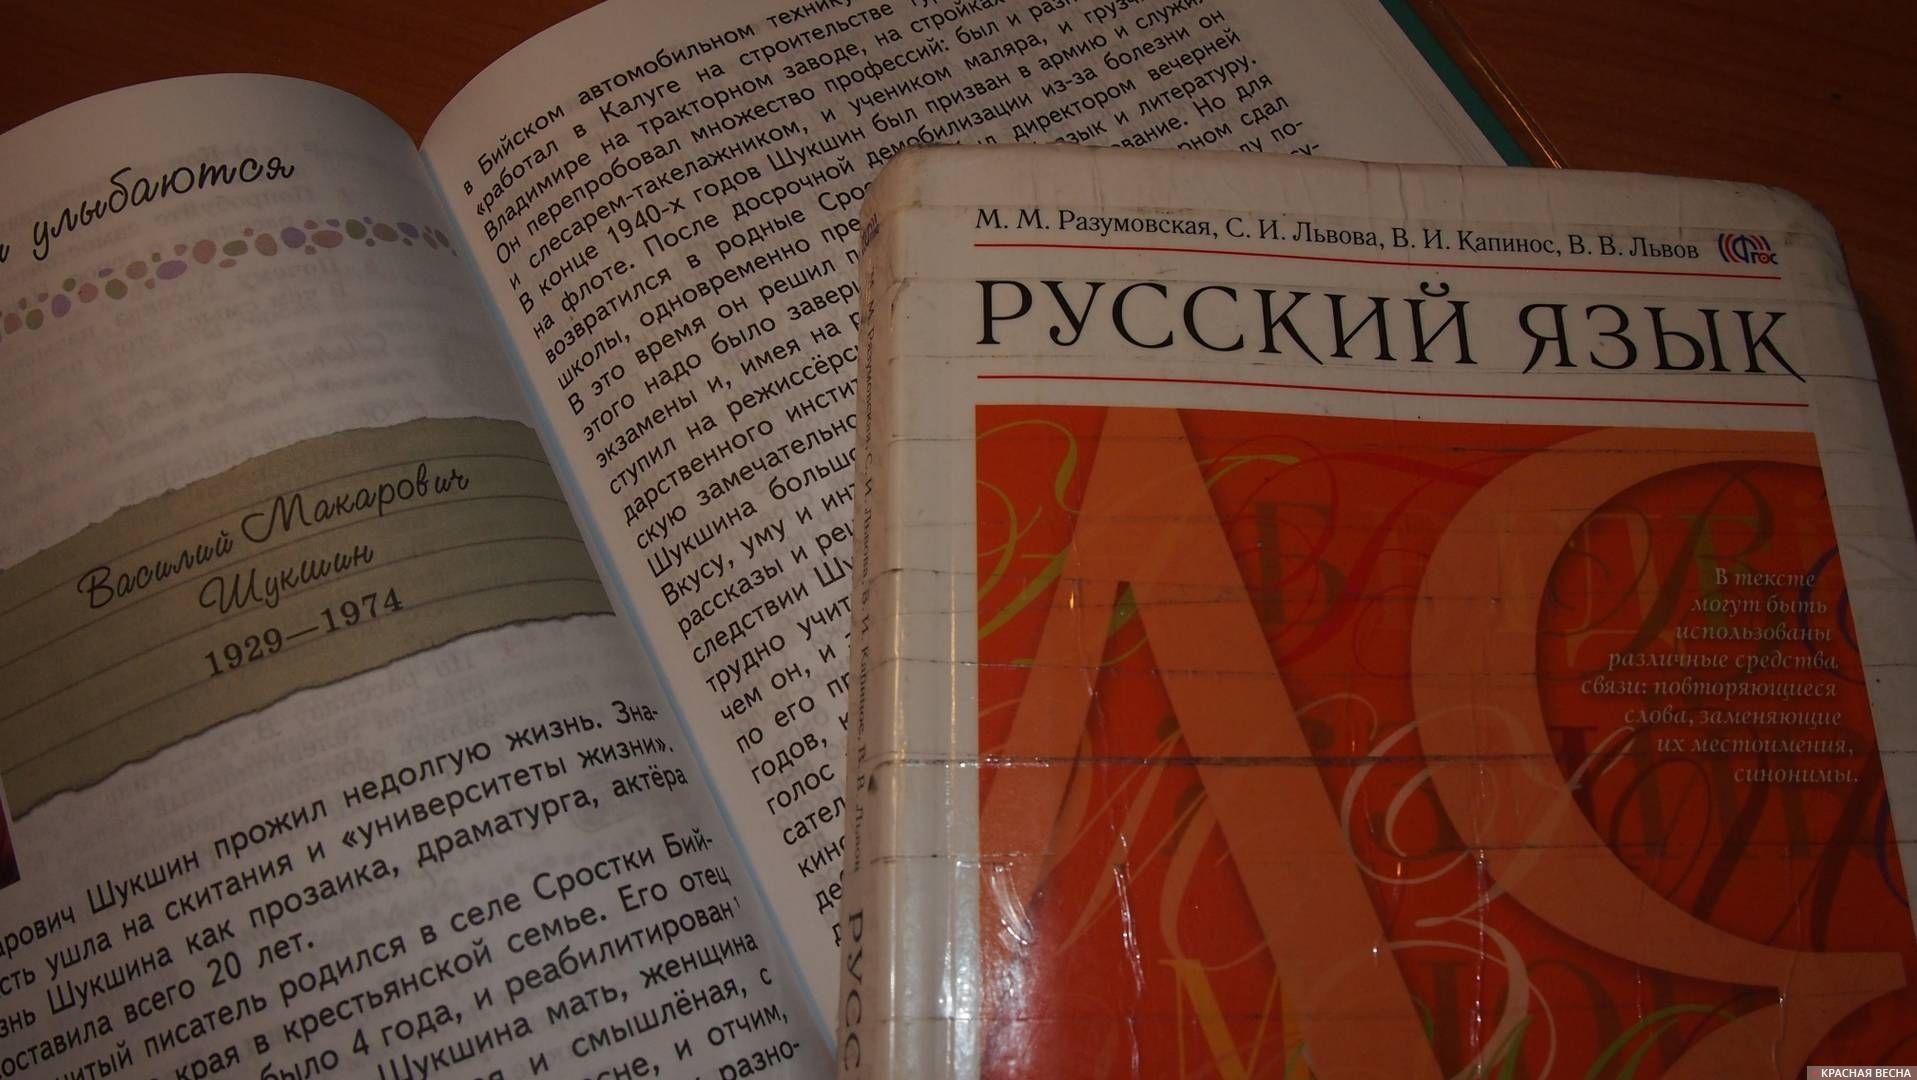 Русский язык. Учебник Ольга Перегуд © ИА Красная Весна